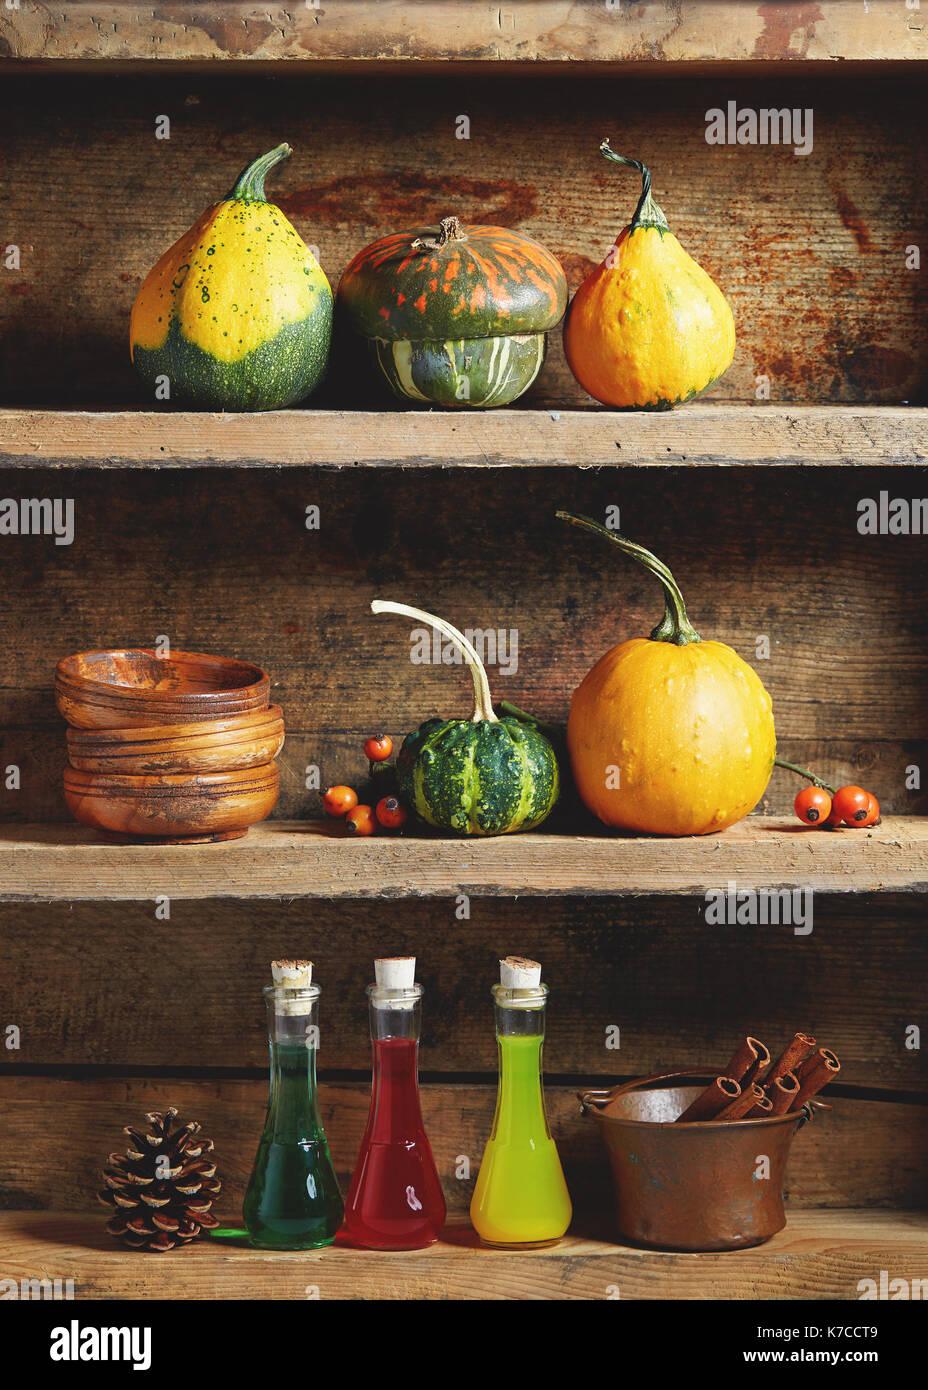 Herbst Arrangement: Verschiedene Arten von dekorativen und essbaren Kürbisse mit Zaubertrank Flaschen andbowls auf alten Holzregal. Stockbild